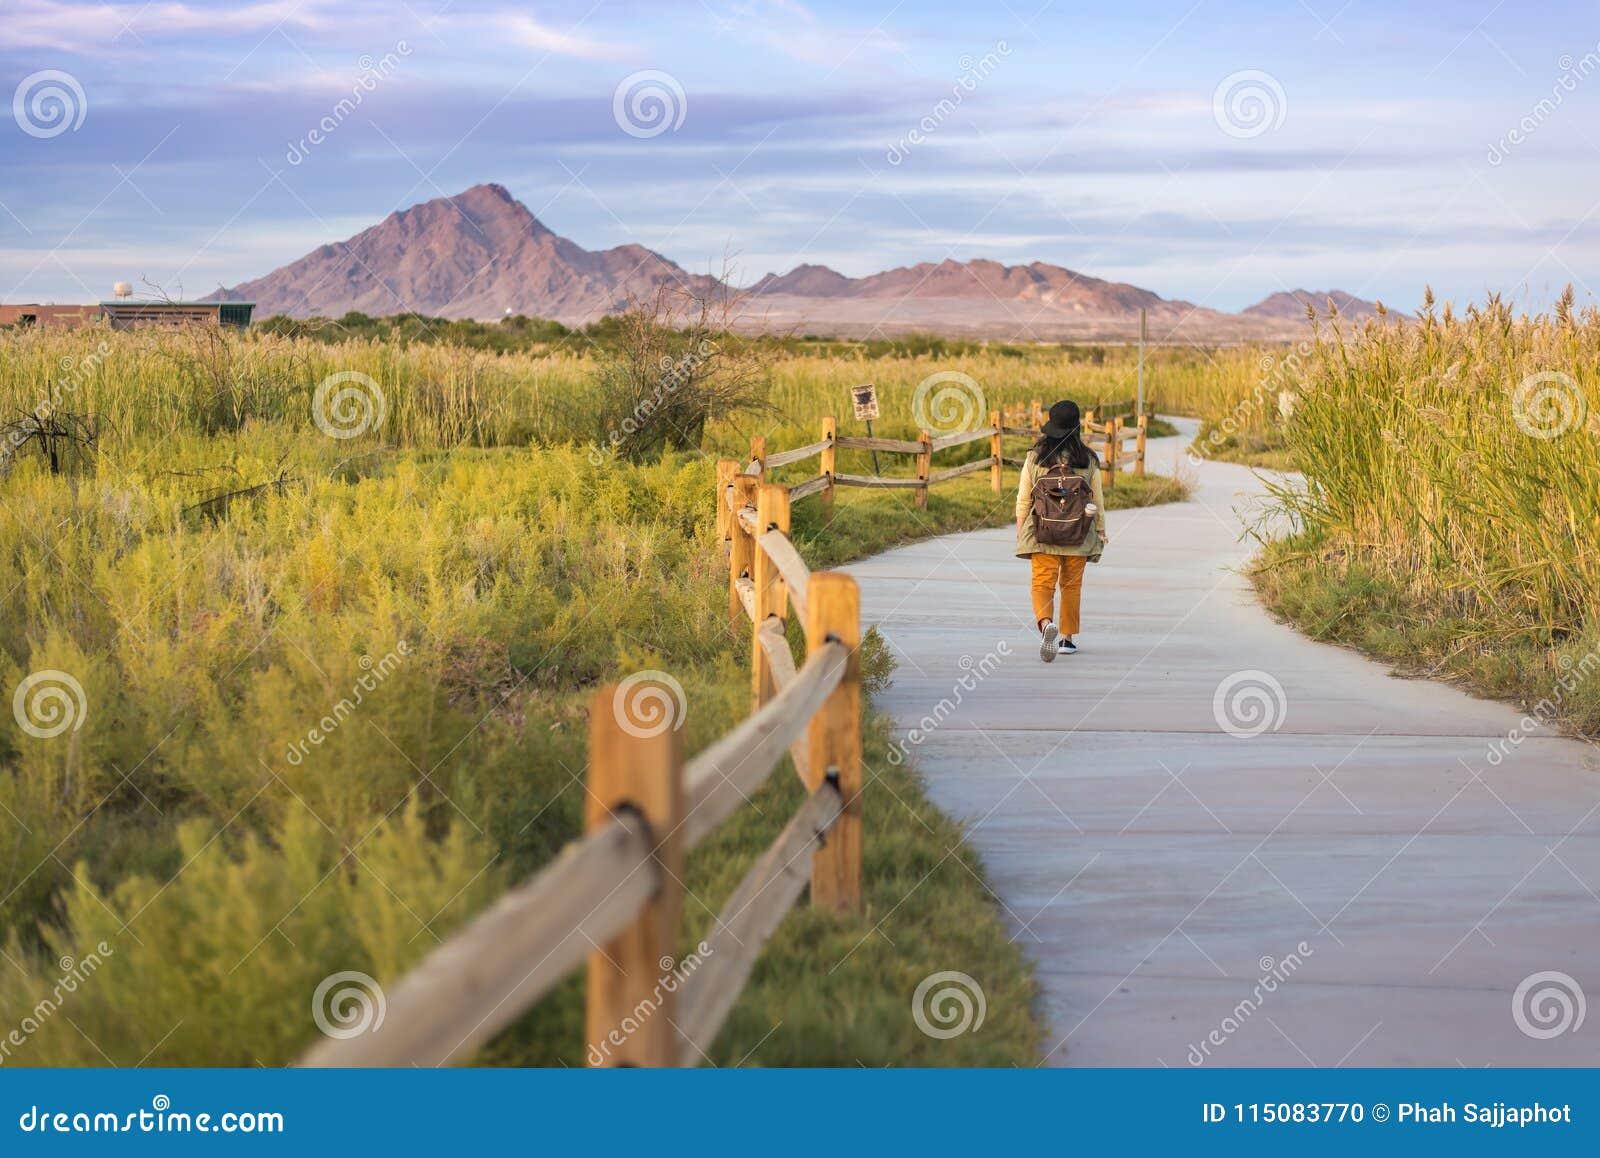 Un walkimg de la mujer en el rastro en humedales parquea Las Vegas